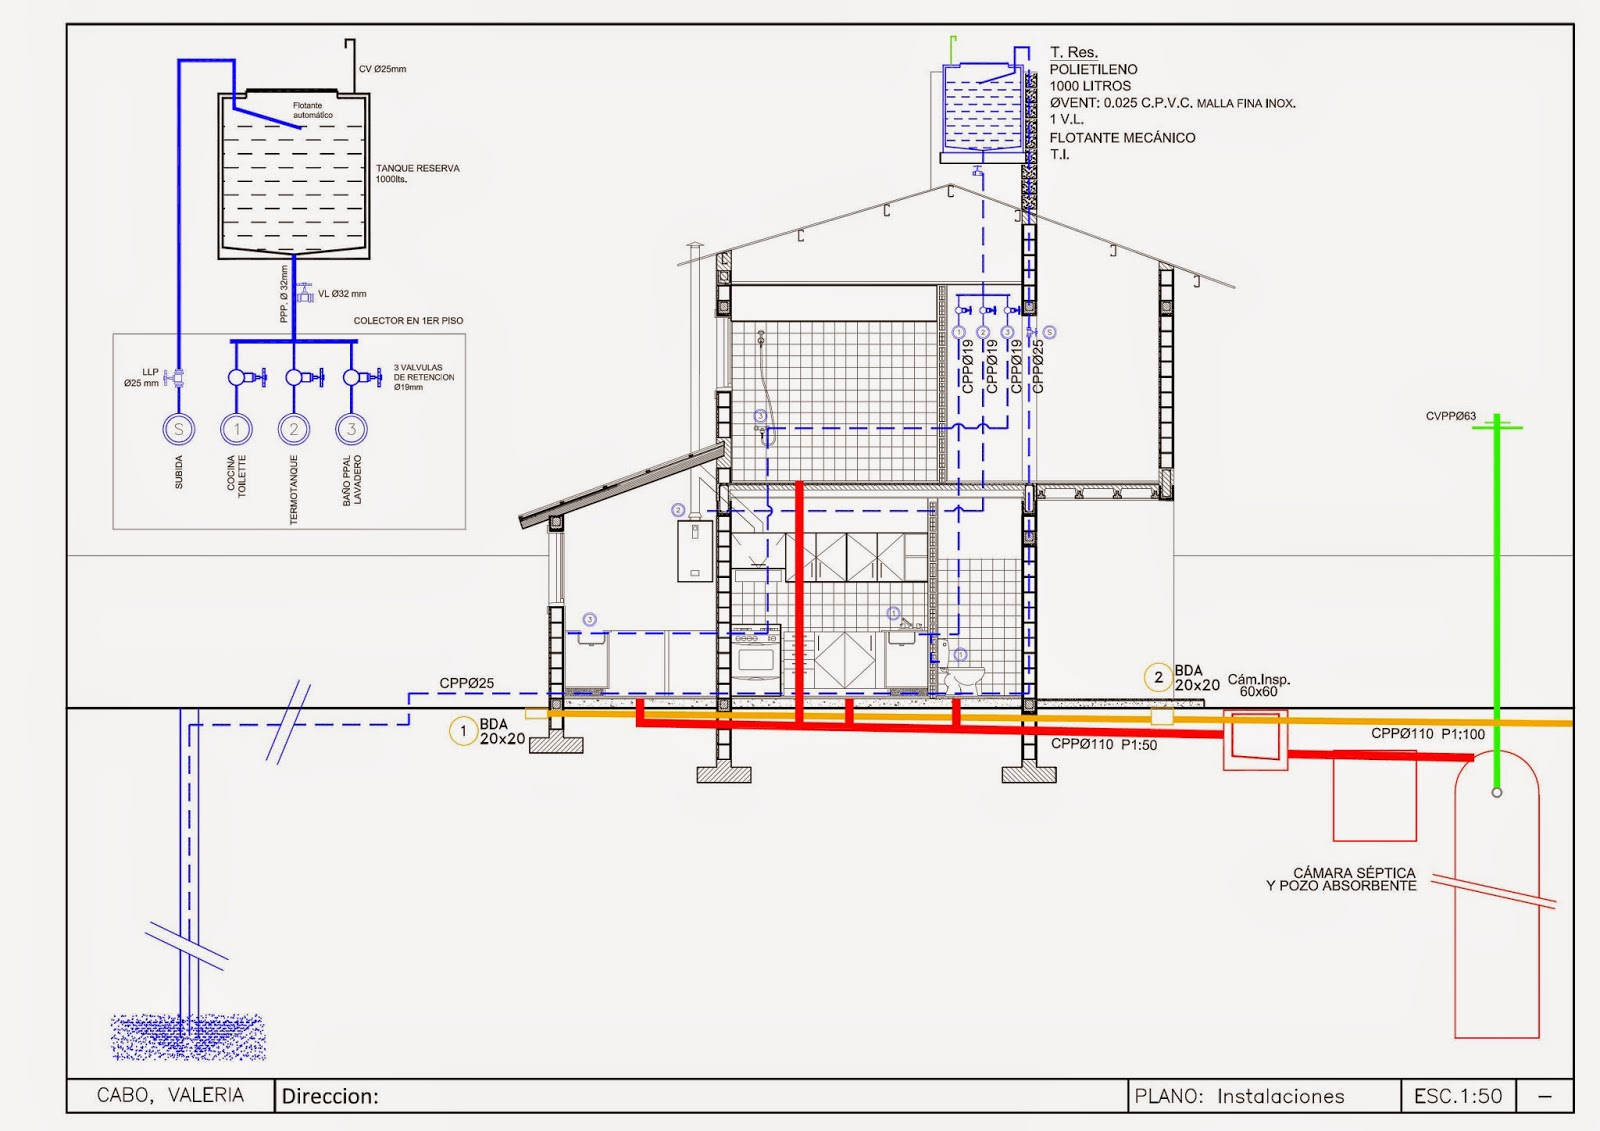 Detalles constructivos cad plano replanteo instalaciones for Detalles de una casa